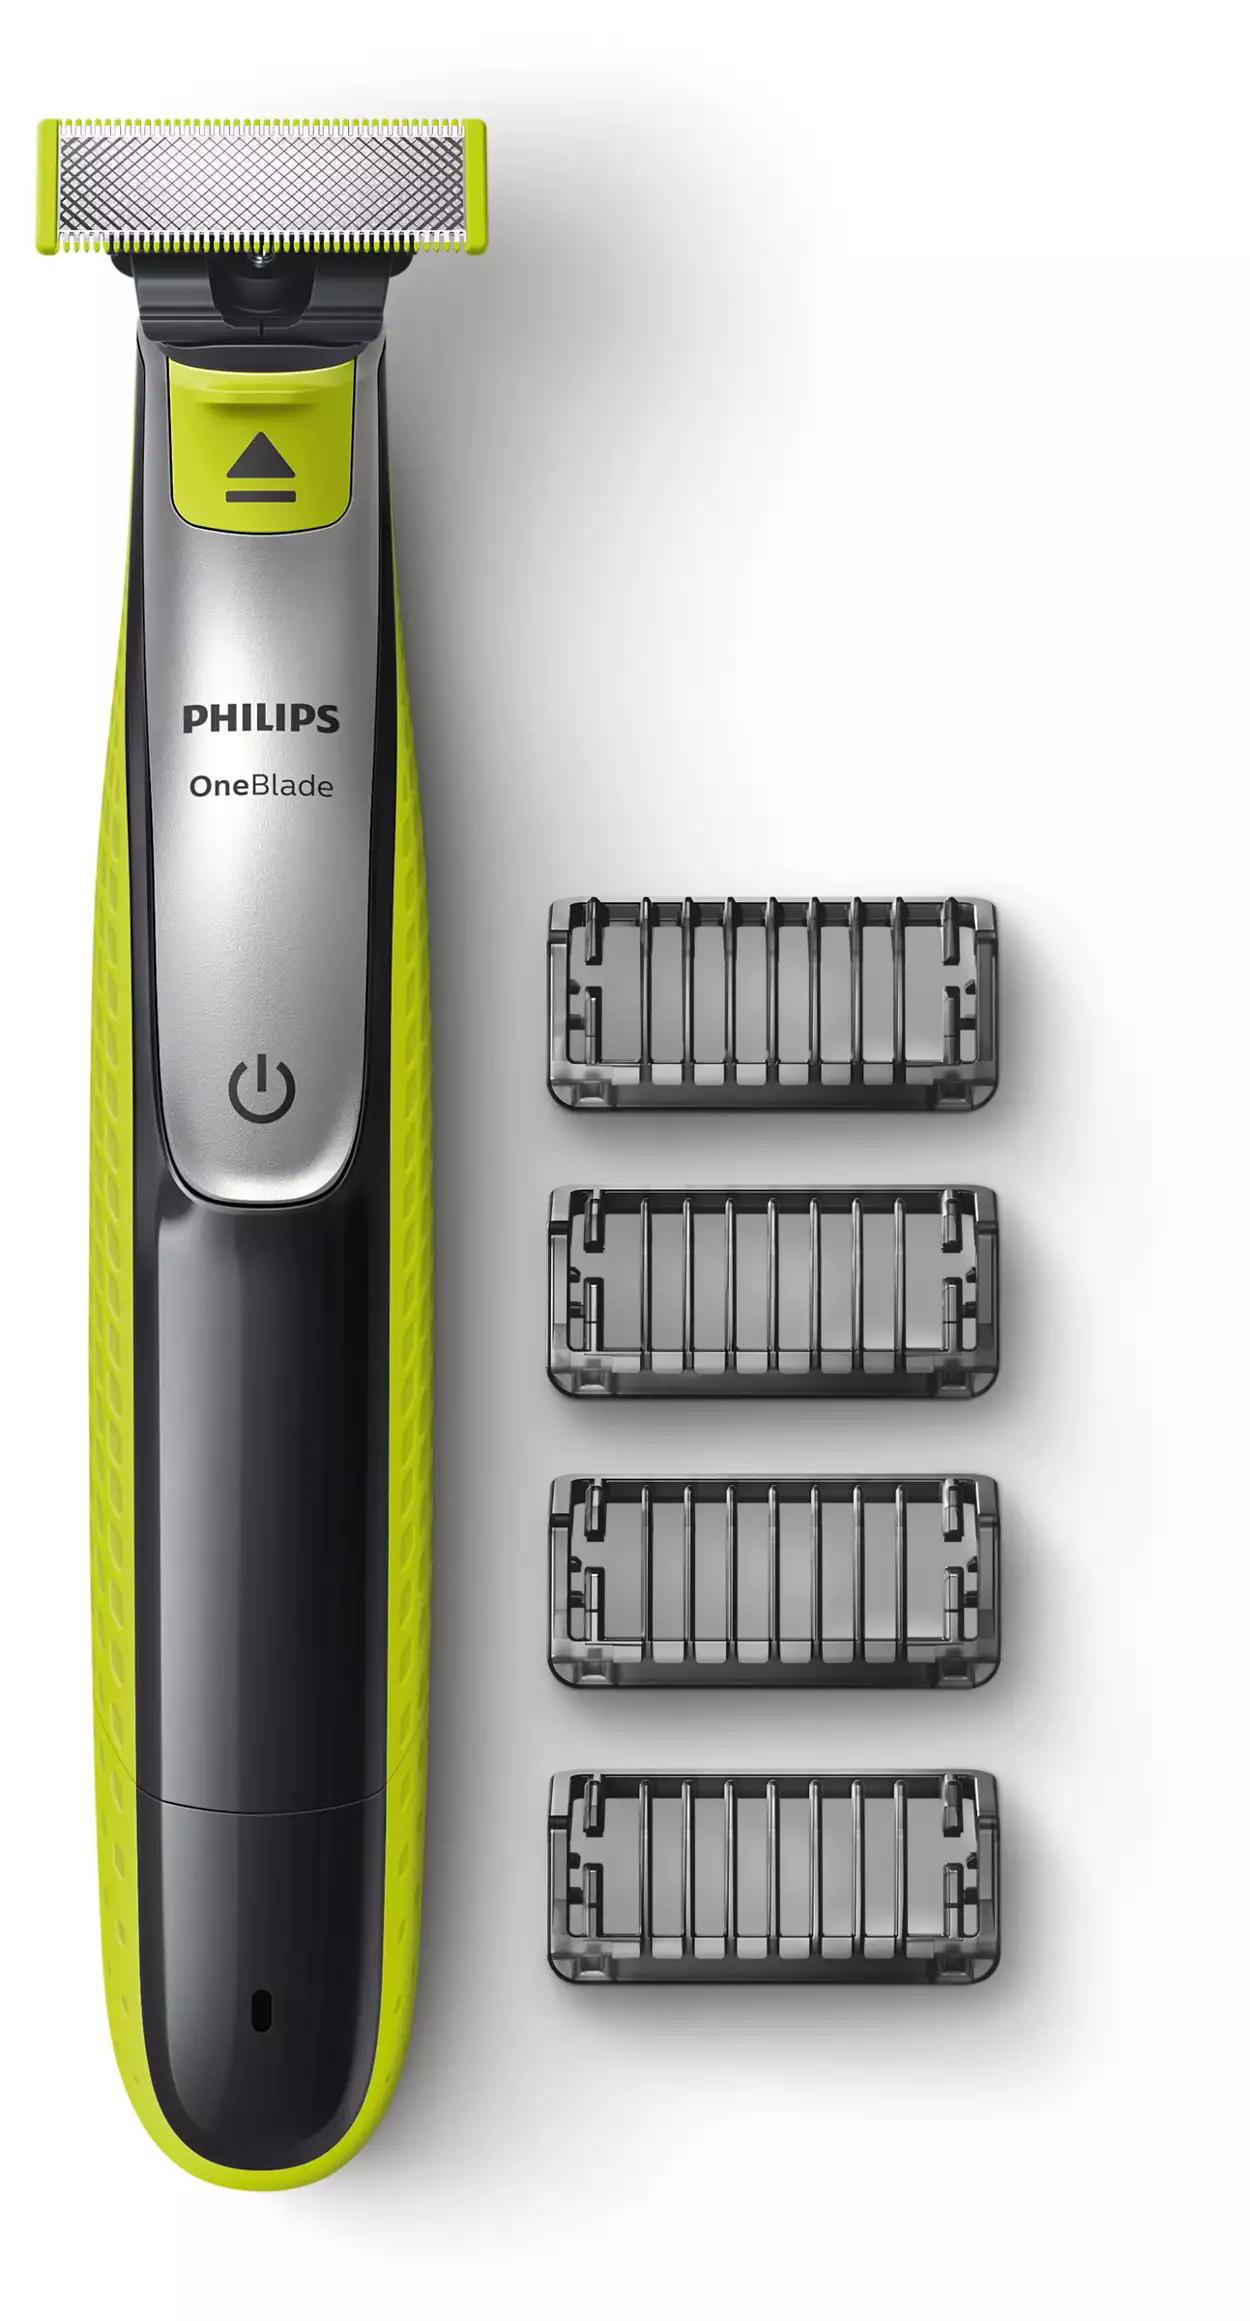 [Philips] 3x OneBlade Ersatzklingen | OneBlade QP2530/20 22€ statt 33€